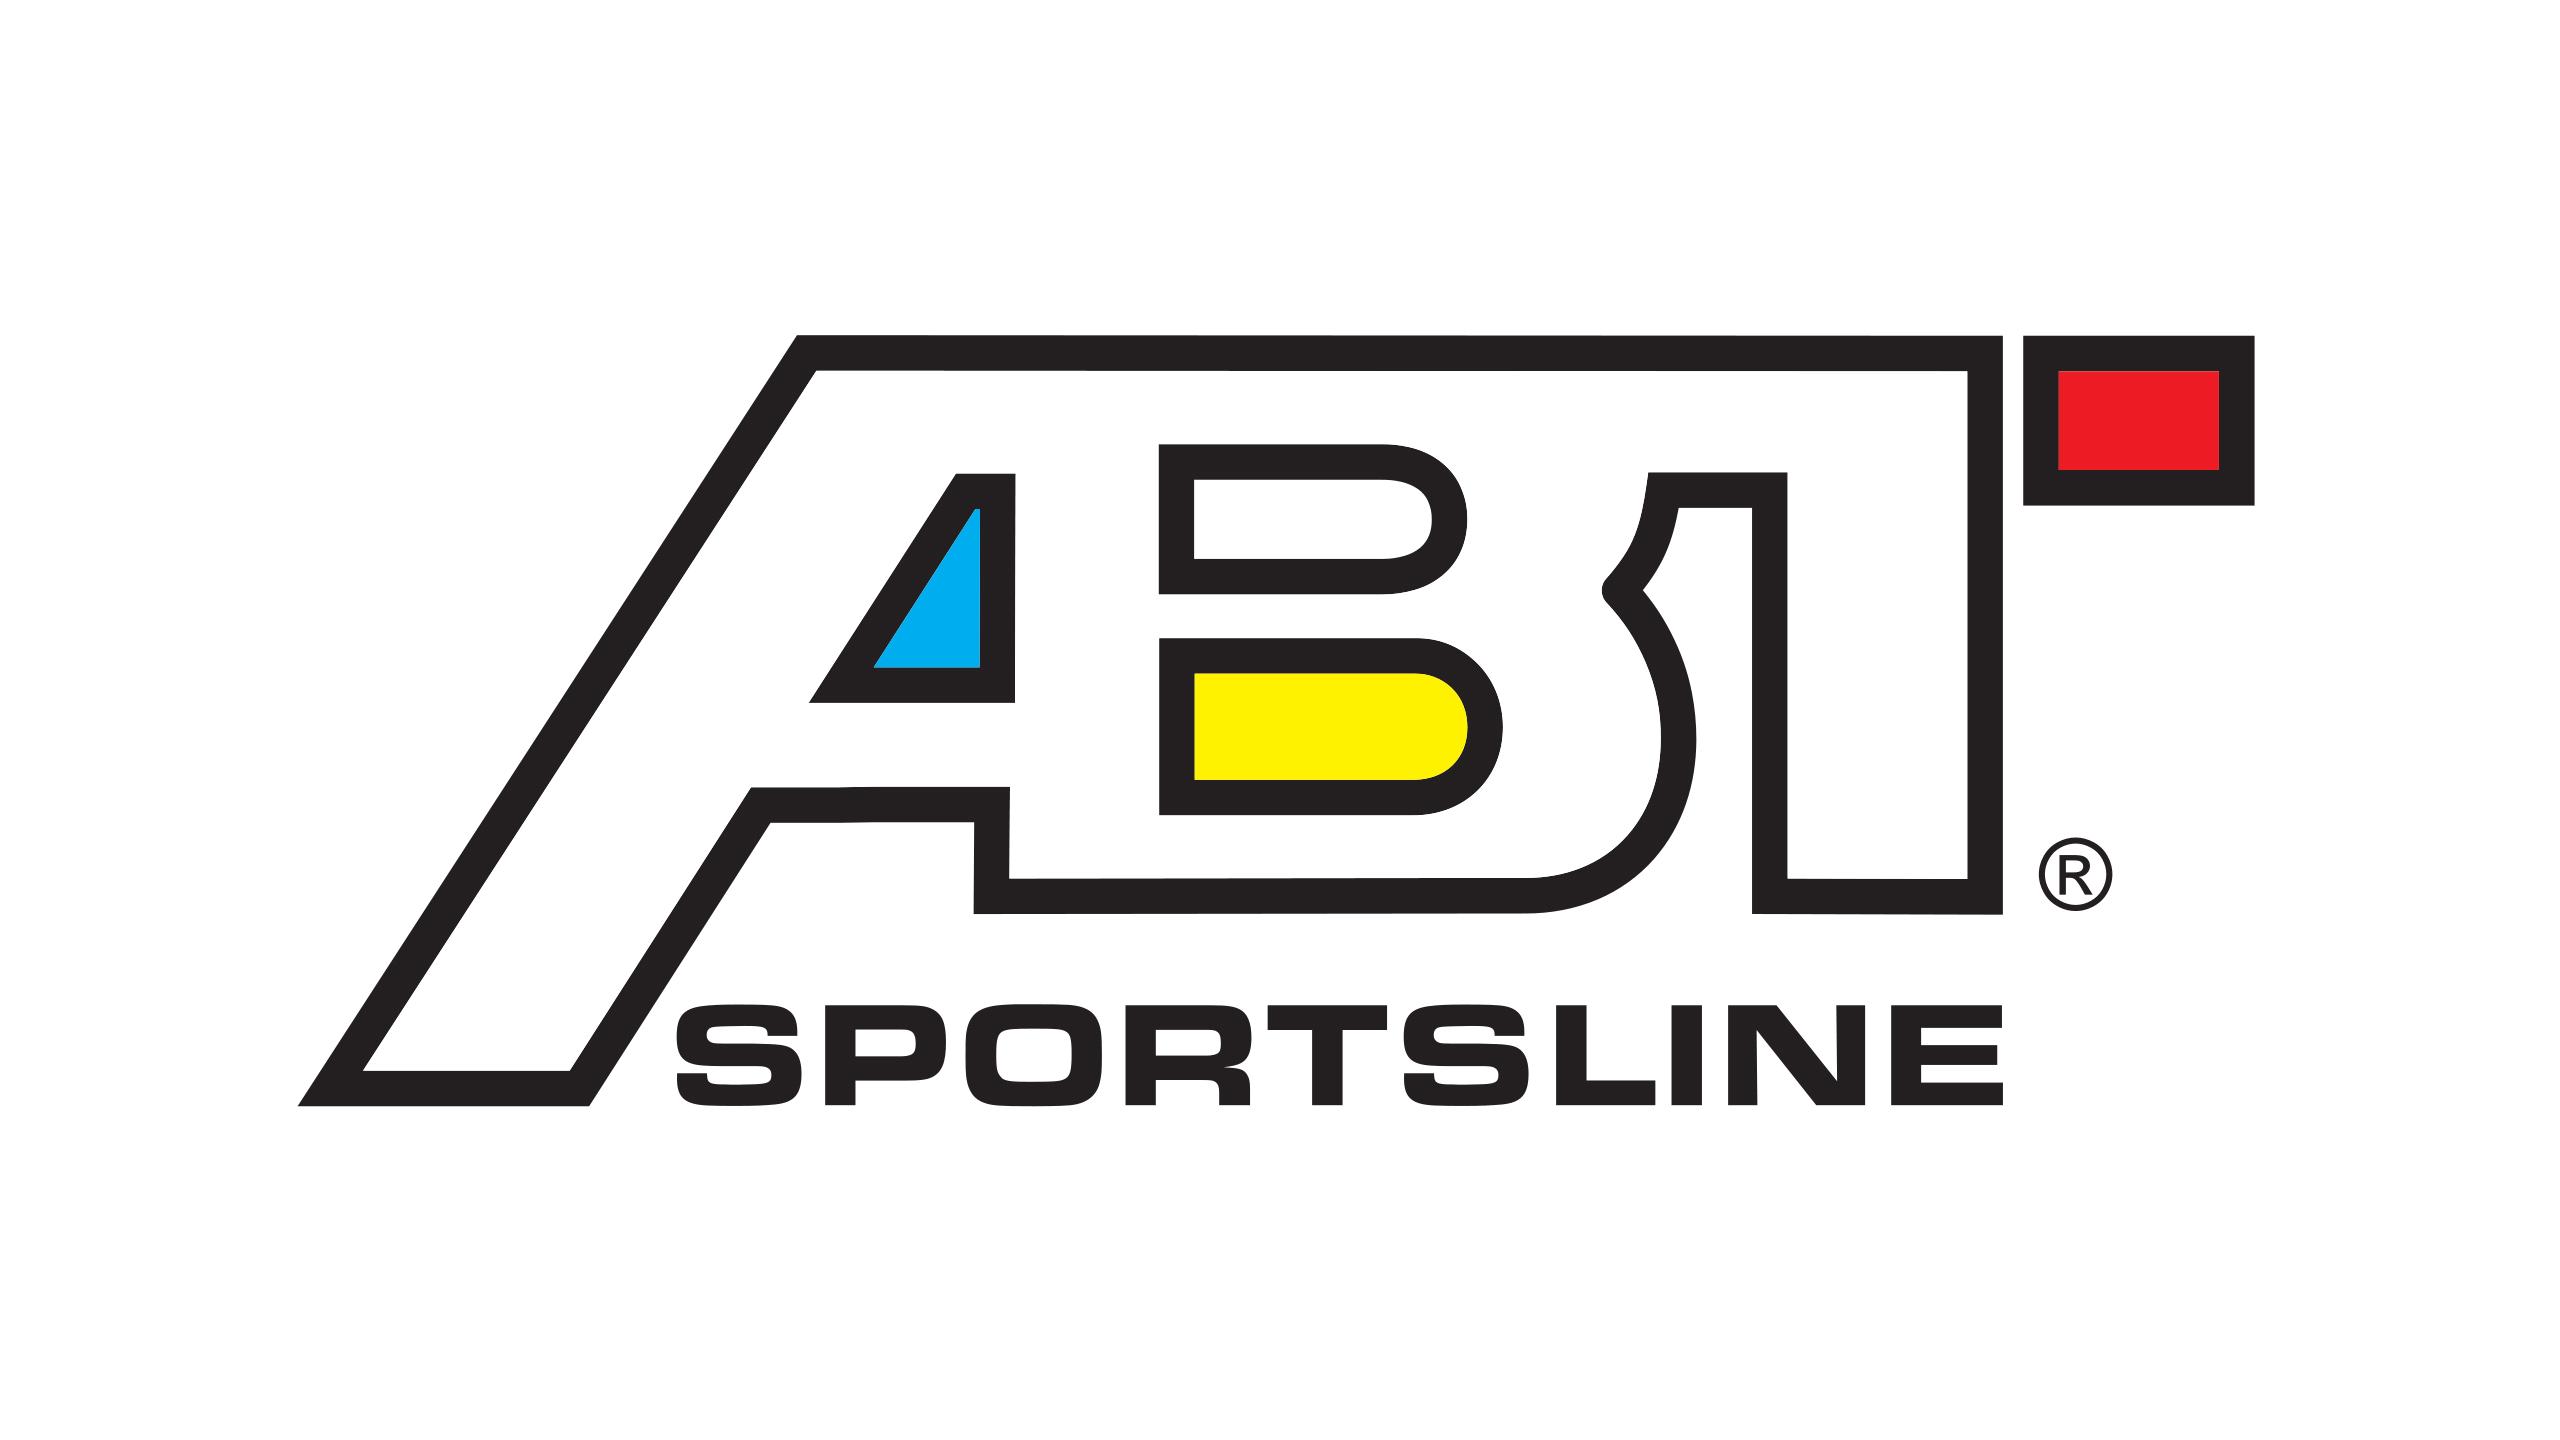 ABT Sportsline Logo 2560x1440 HD Png - Abt Sportsline PNG - Abt Sportsline Logo Vector PNG